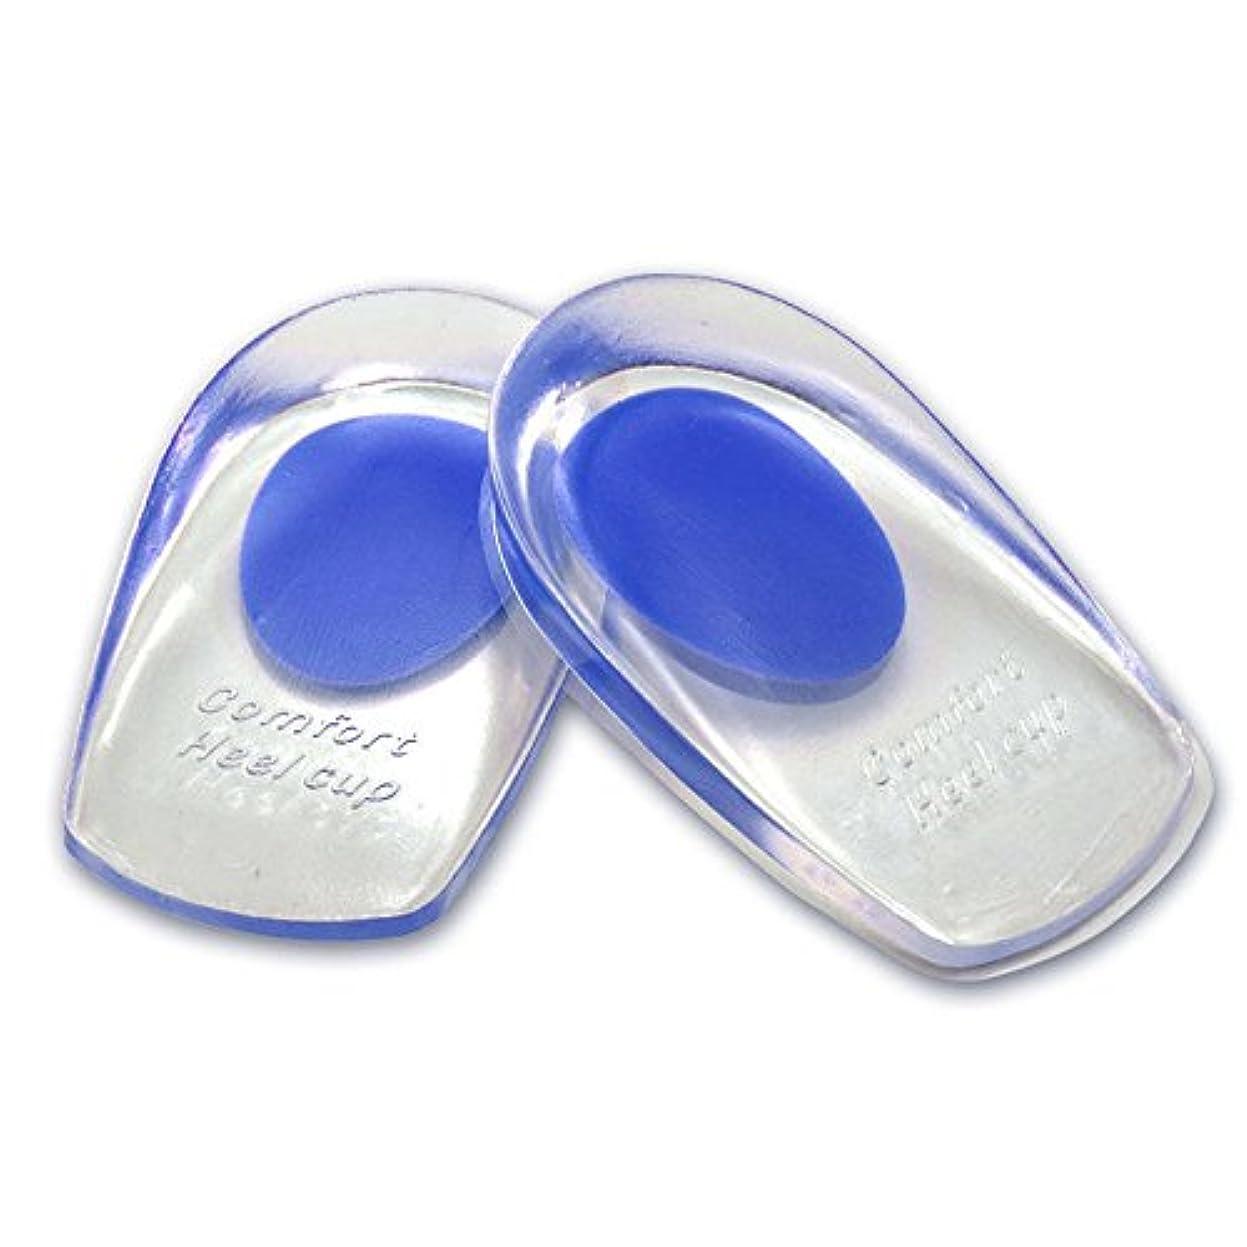 通行人援助盲目シリコンヒールカップ かかとの痛み防止に ソフトシリコン製 インソールクッション 衝撃緩和 立体形状 フィット感抜群 FMTMXCA2S (ブルー(靴サイズ24.5~27.5cm用))